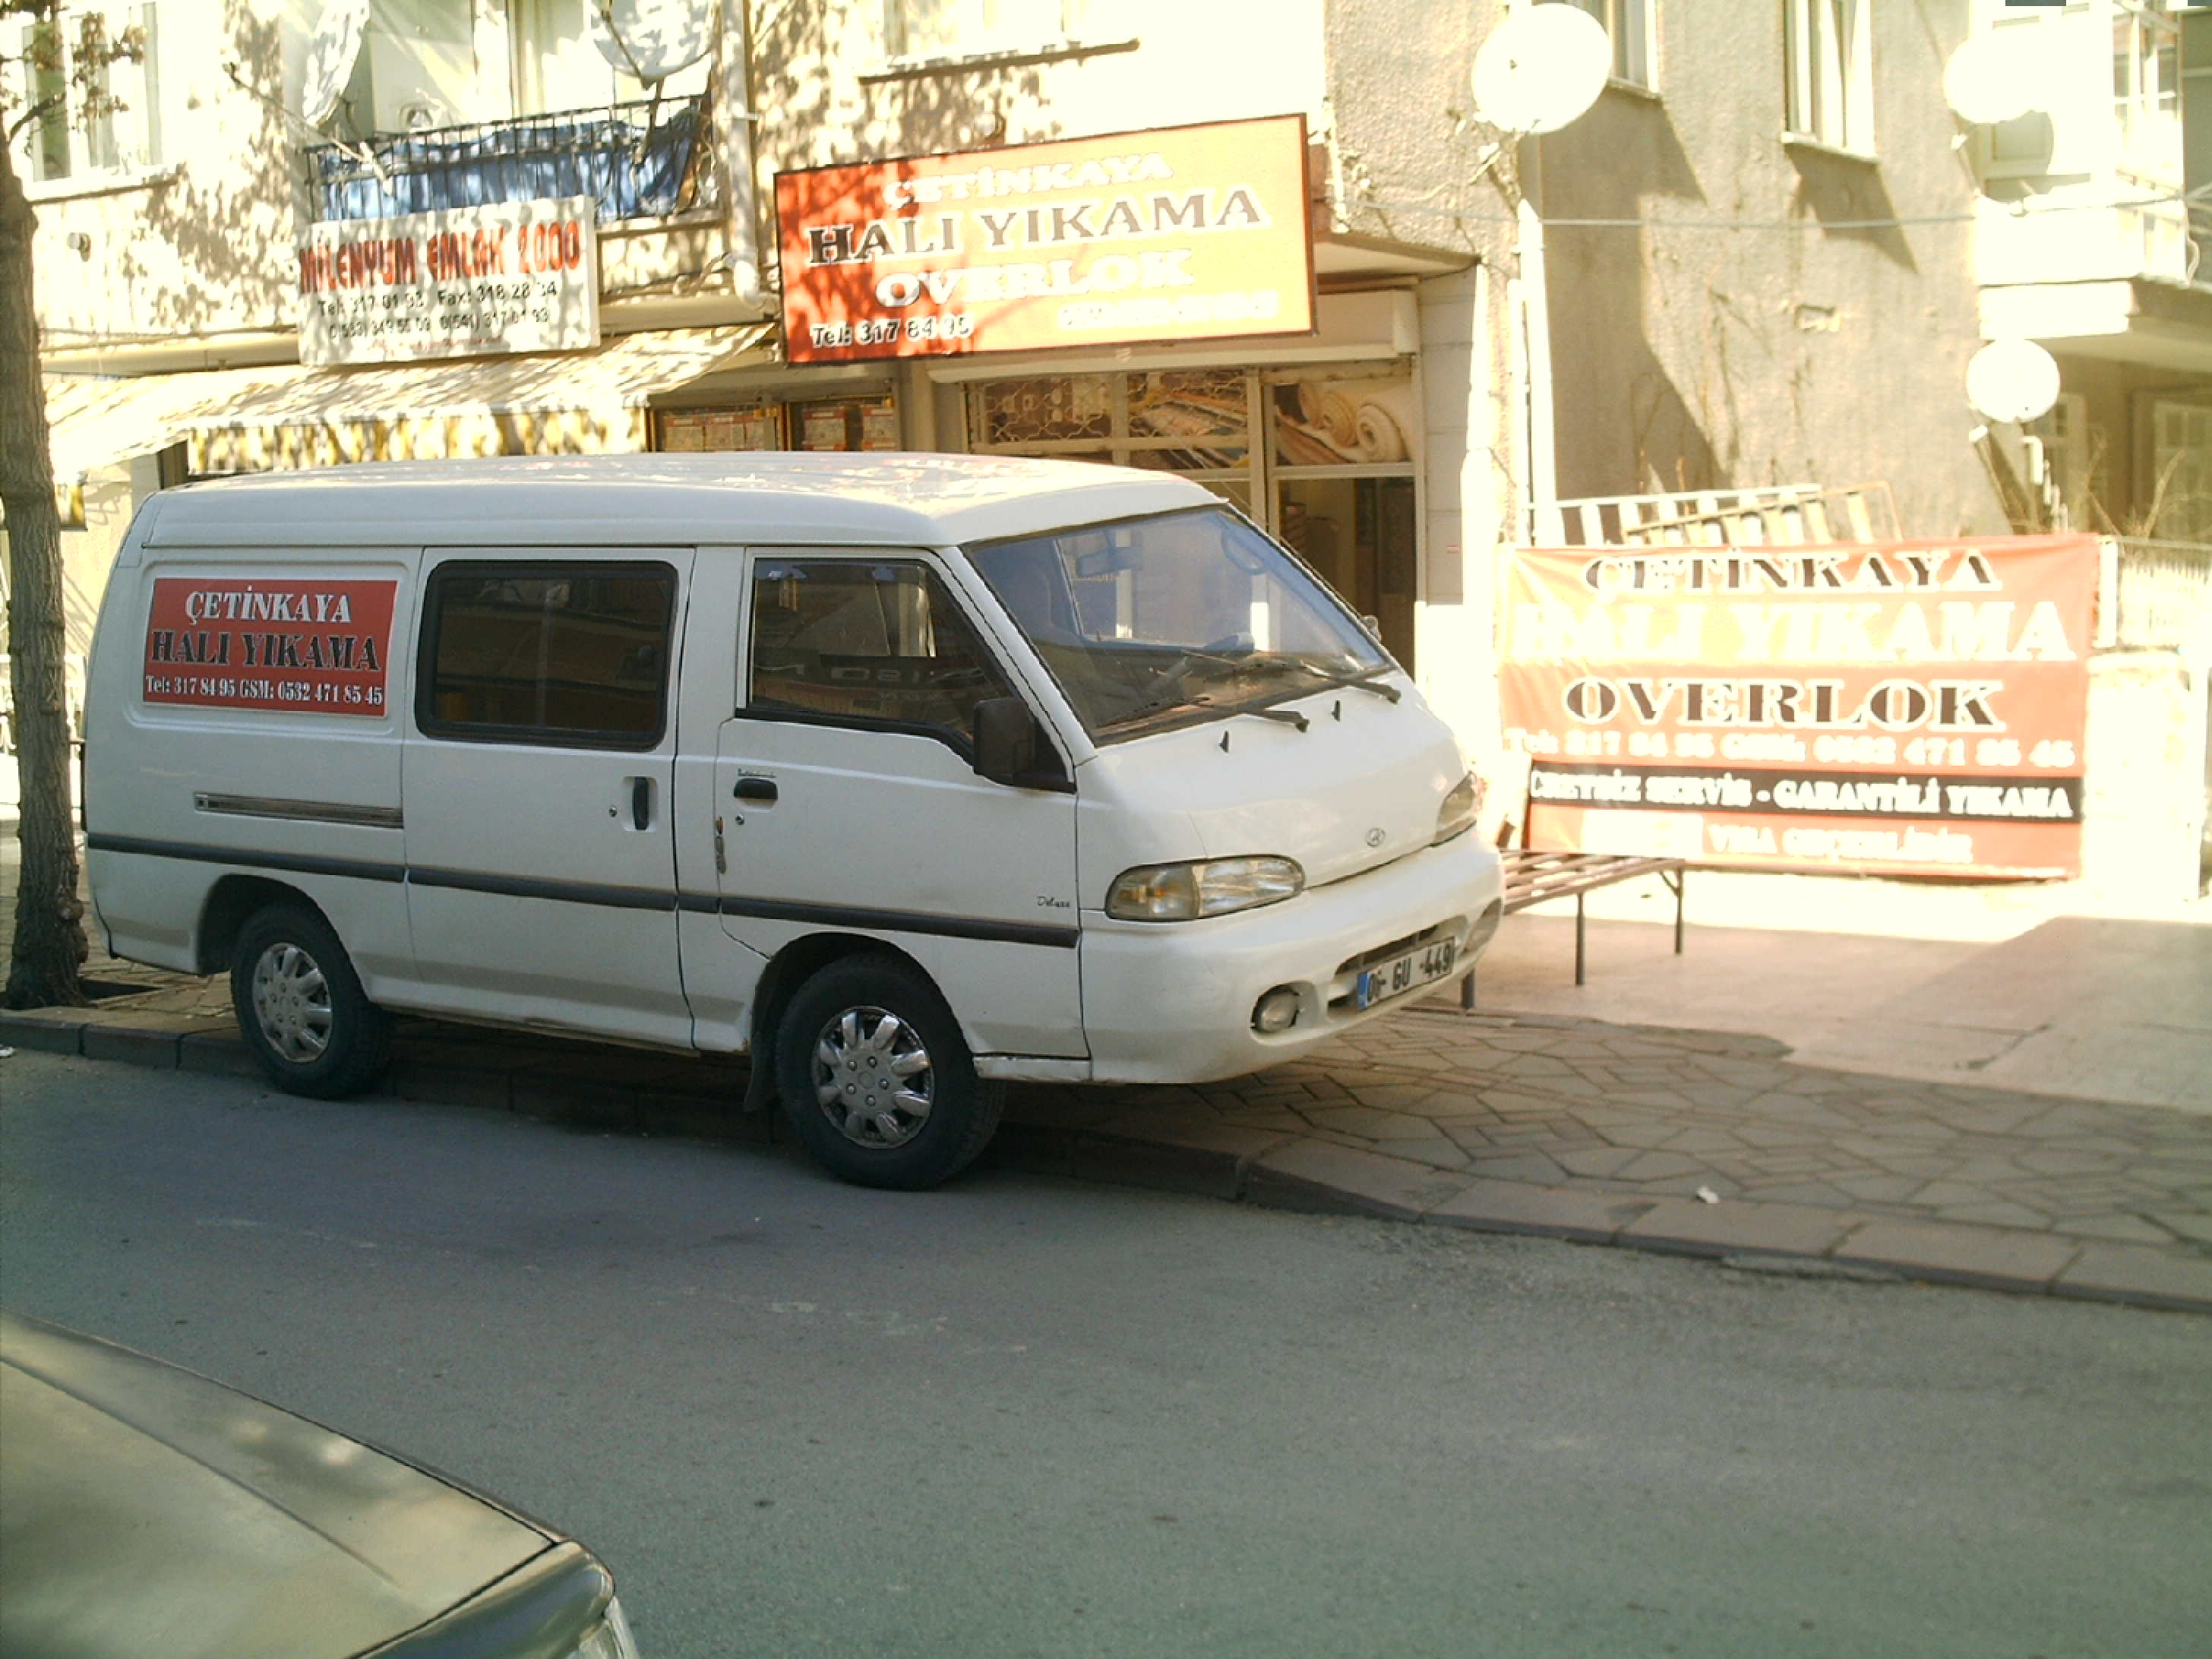 kamil_ocak_hali_yikama_servis-1 (1)